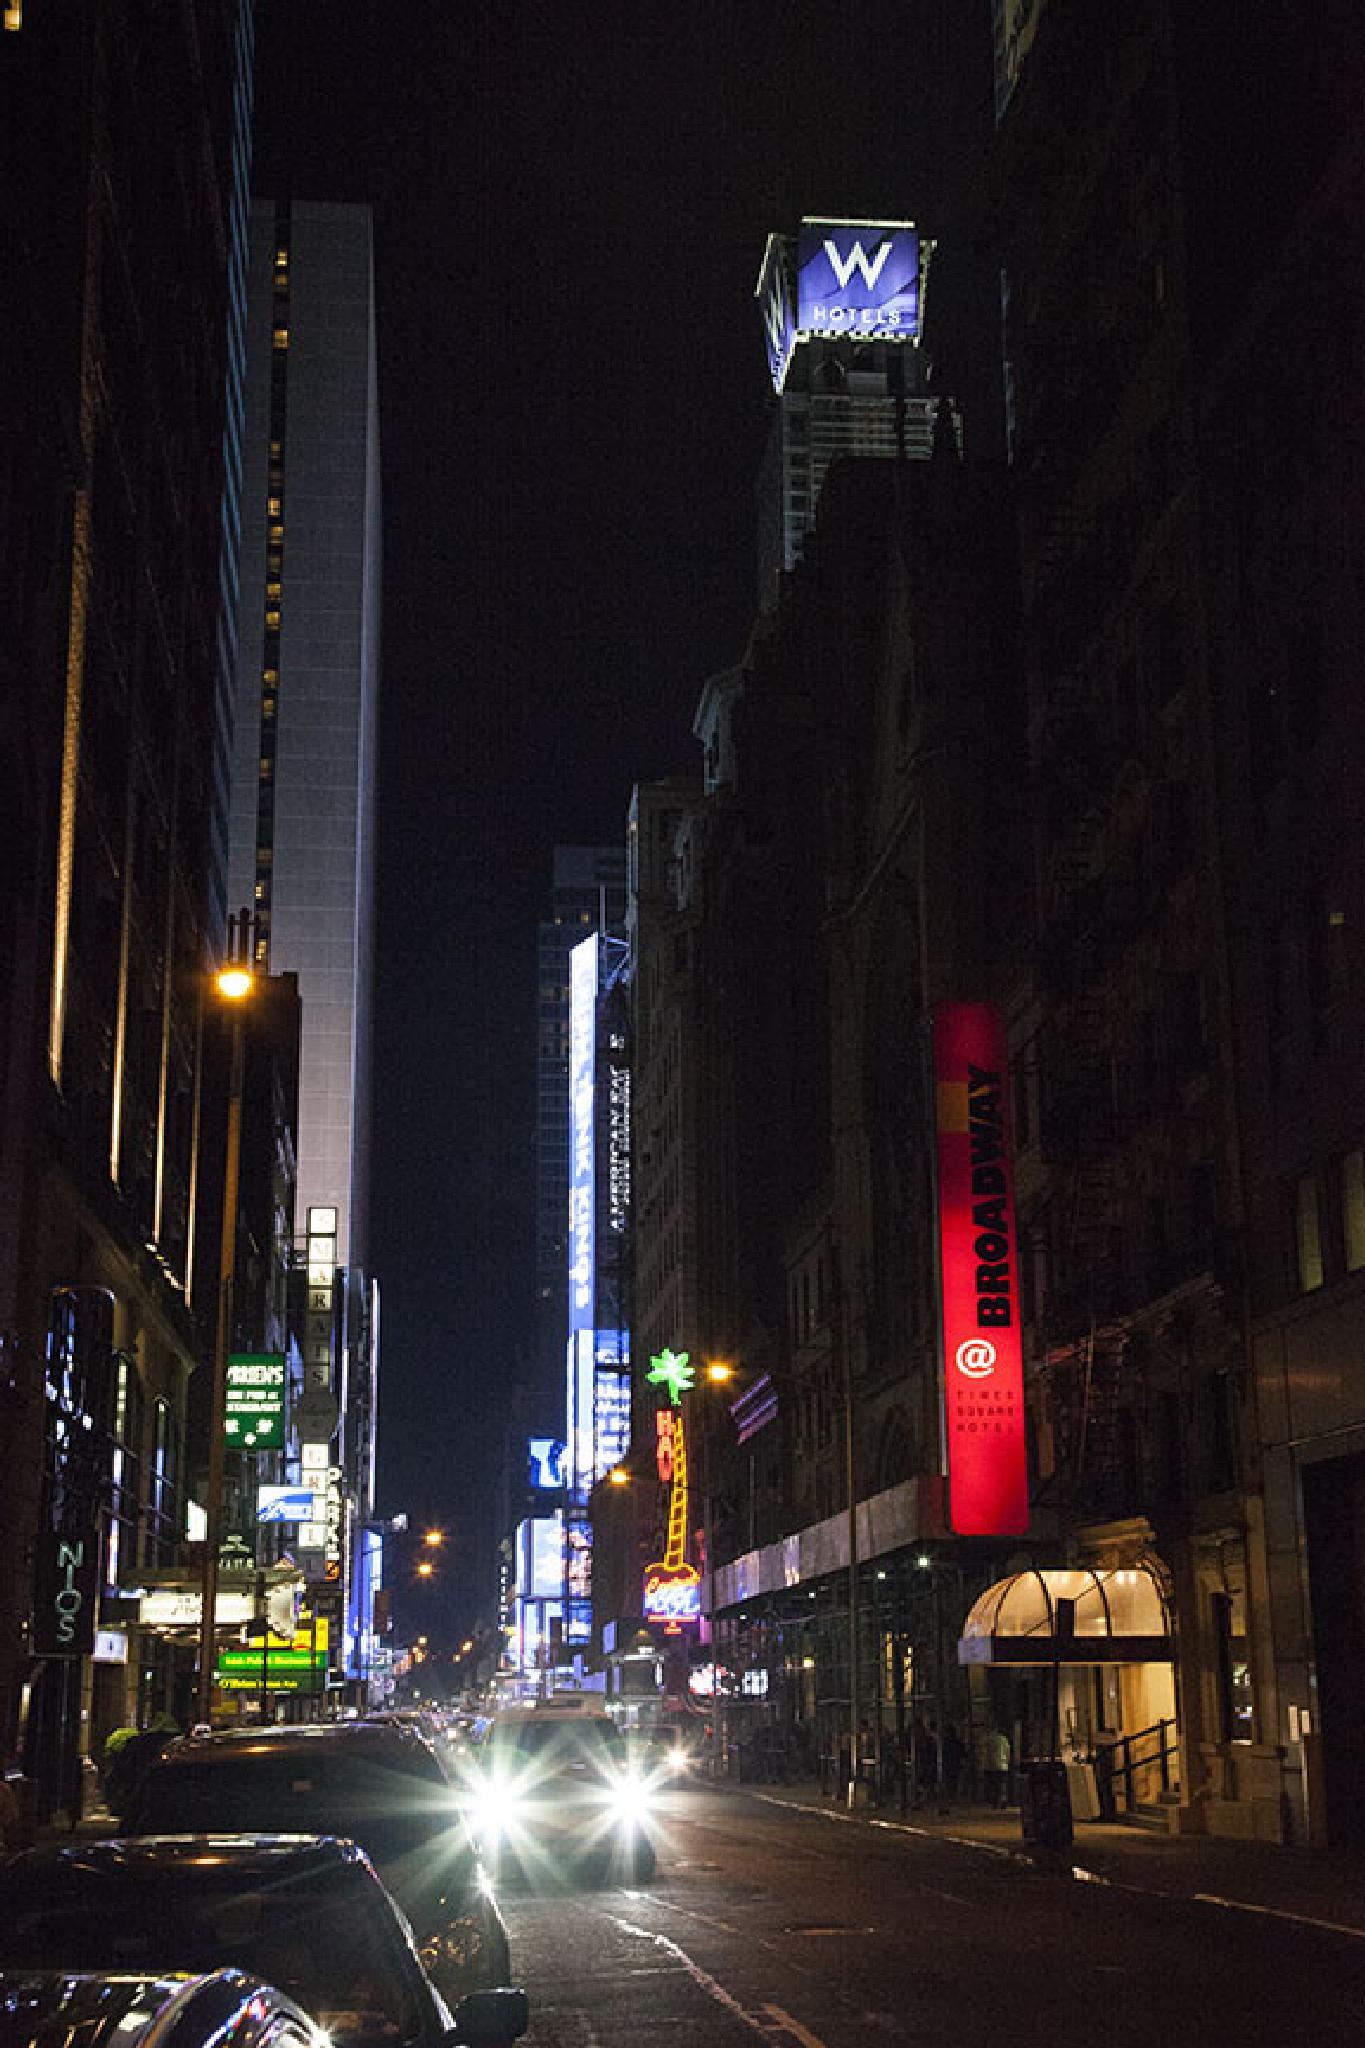 NEW YORK CITY by AlisonWallisPhotography